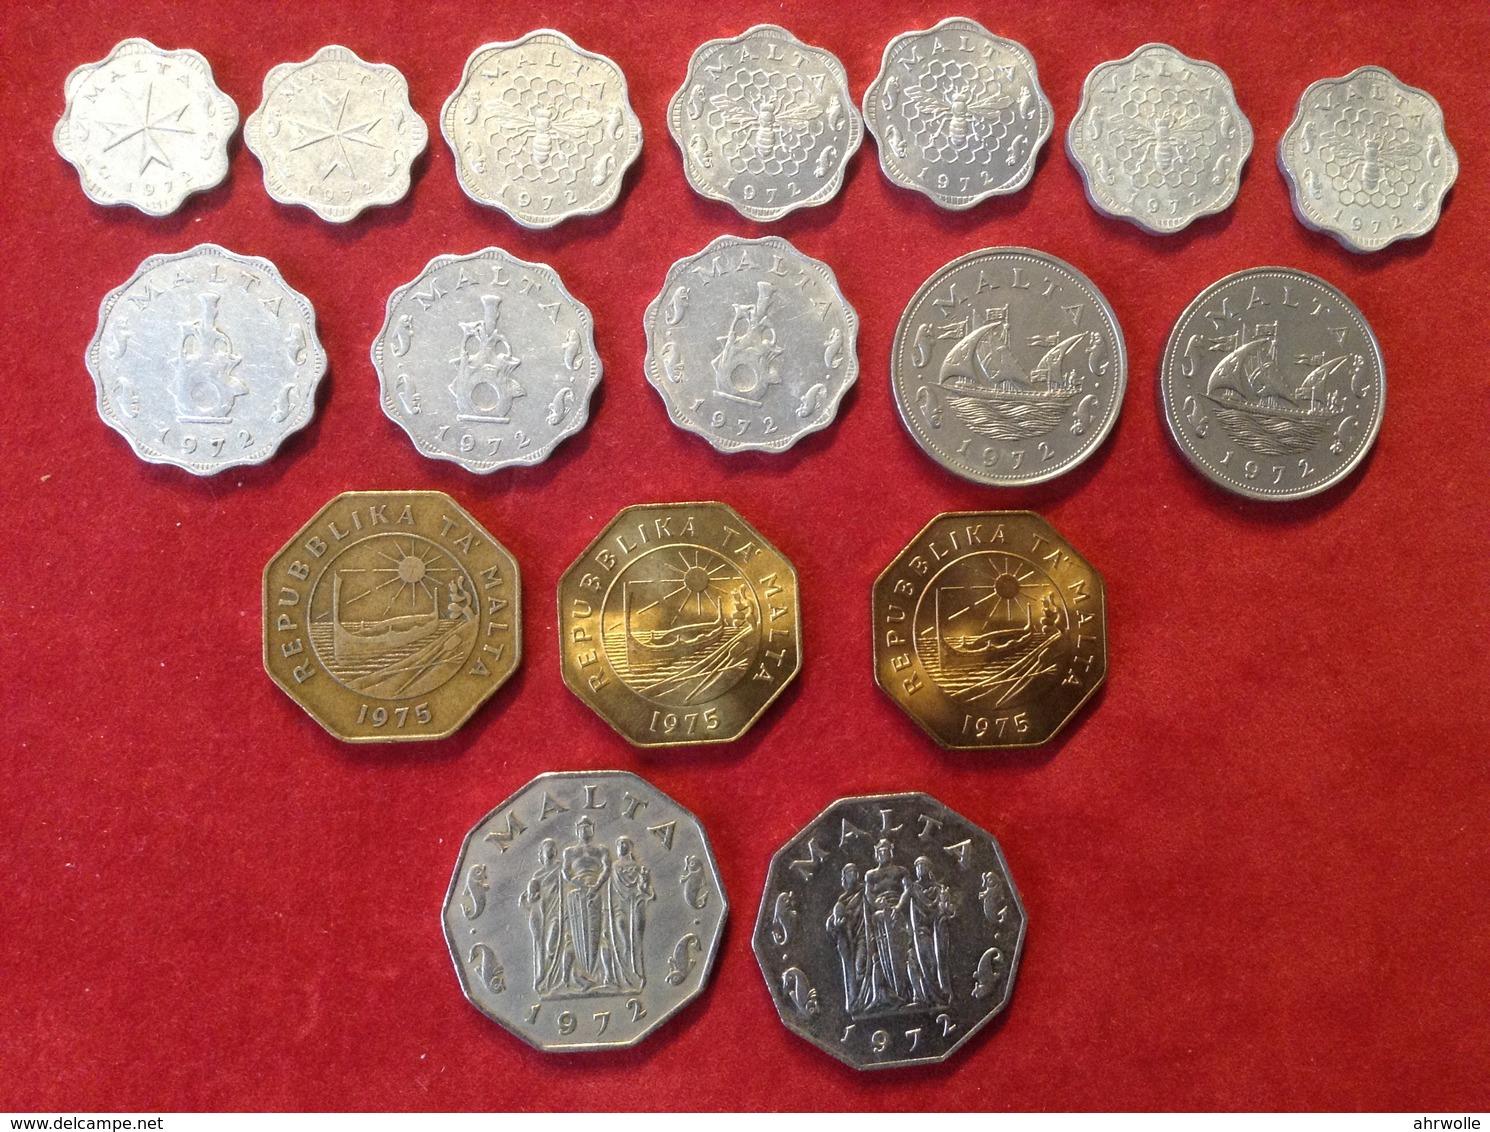 Münzenlot Malta 17 Münzen 2 Mils Bis 50 Cents 1972 Bis 1975 - Malte